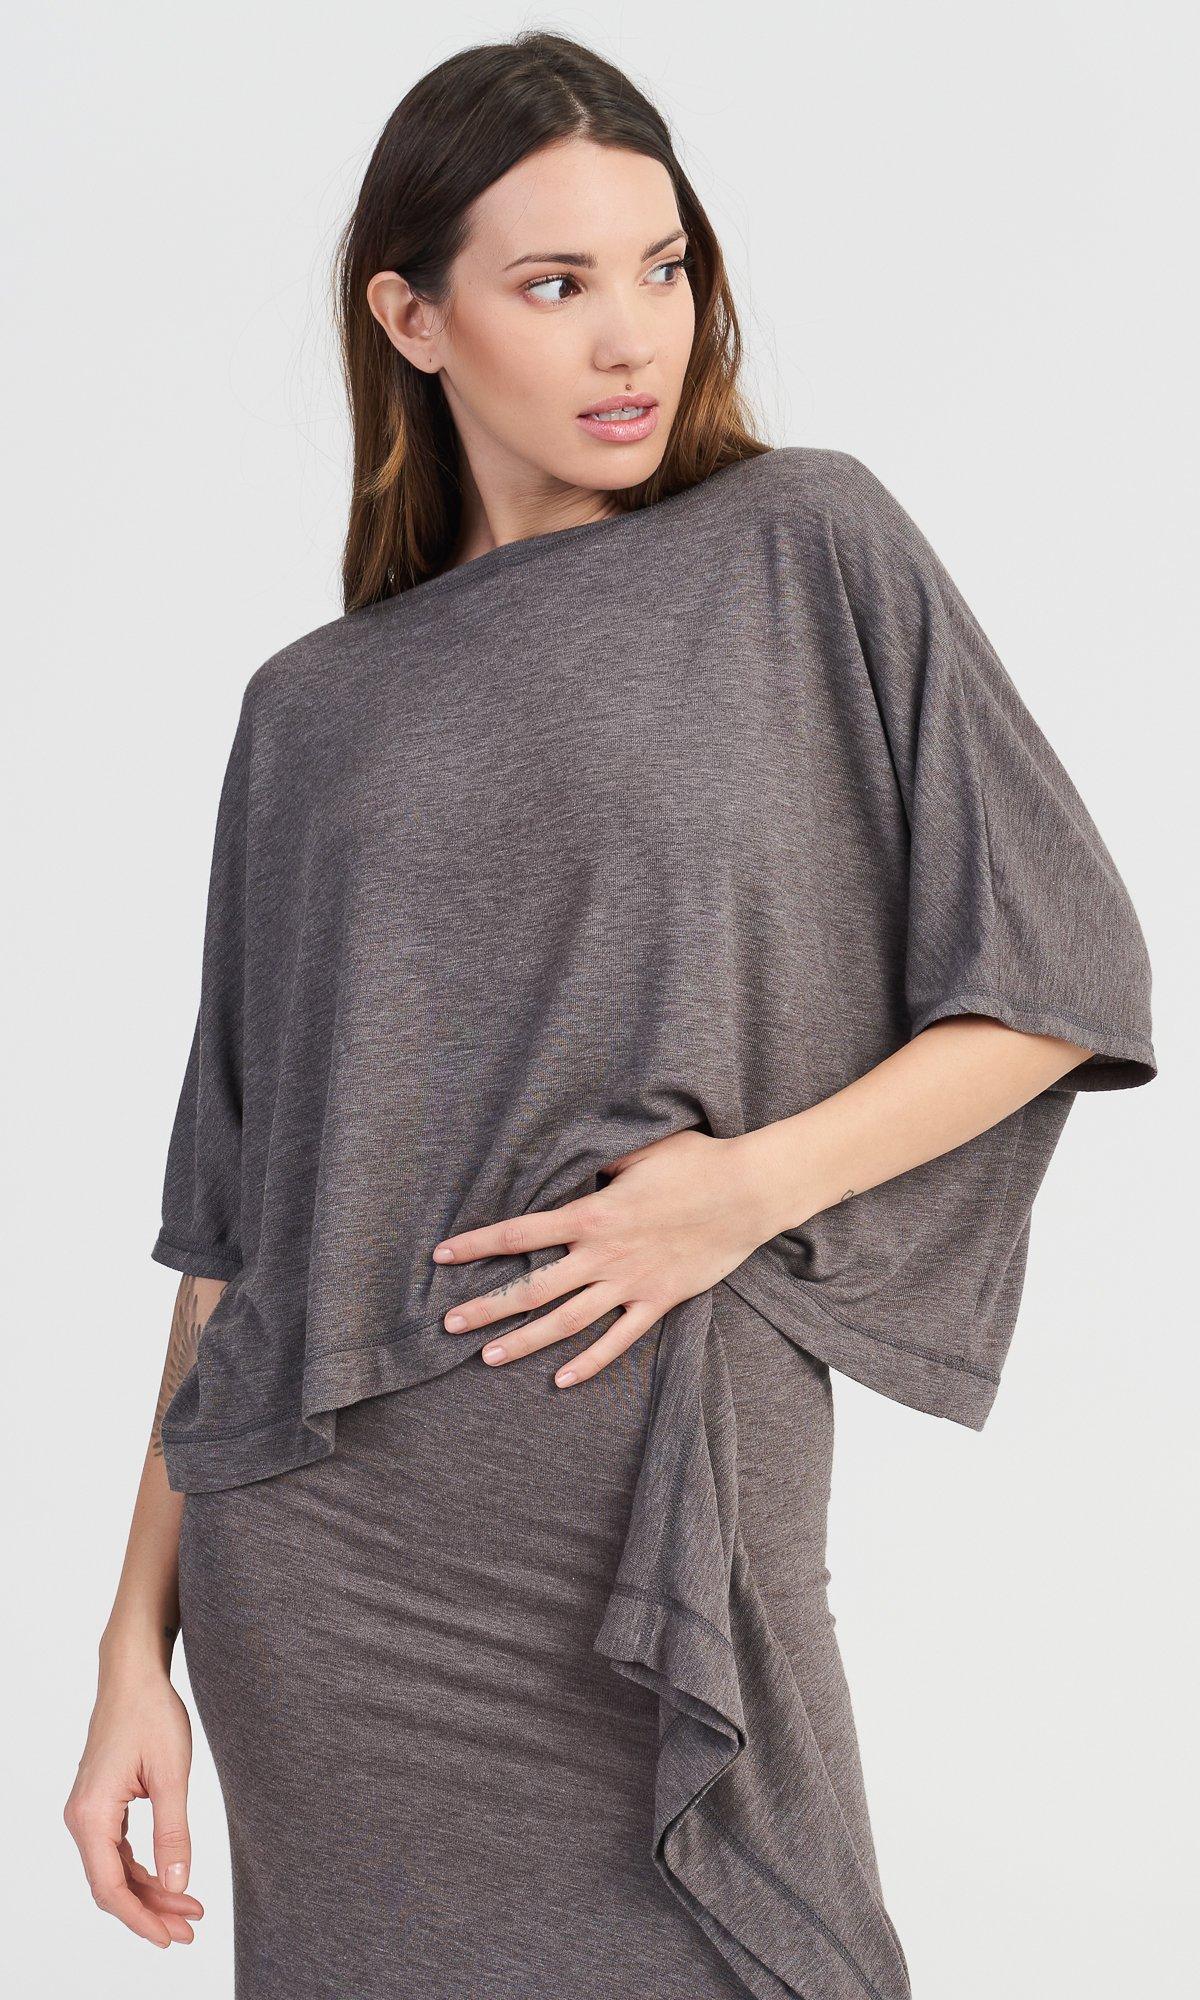 Fine Knit Top & Skirt Set